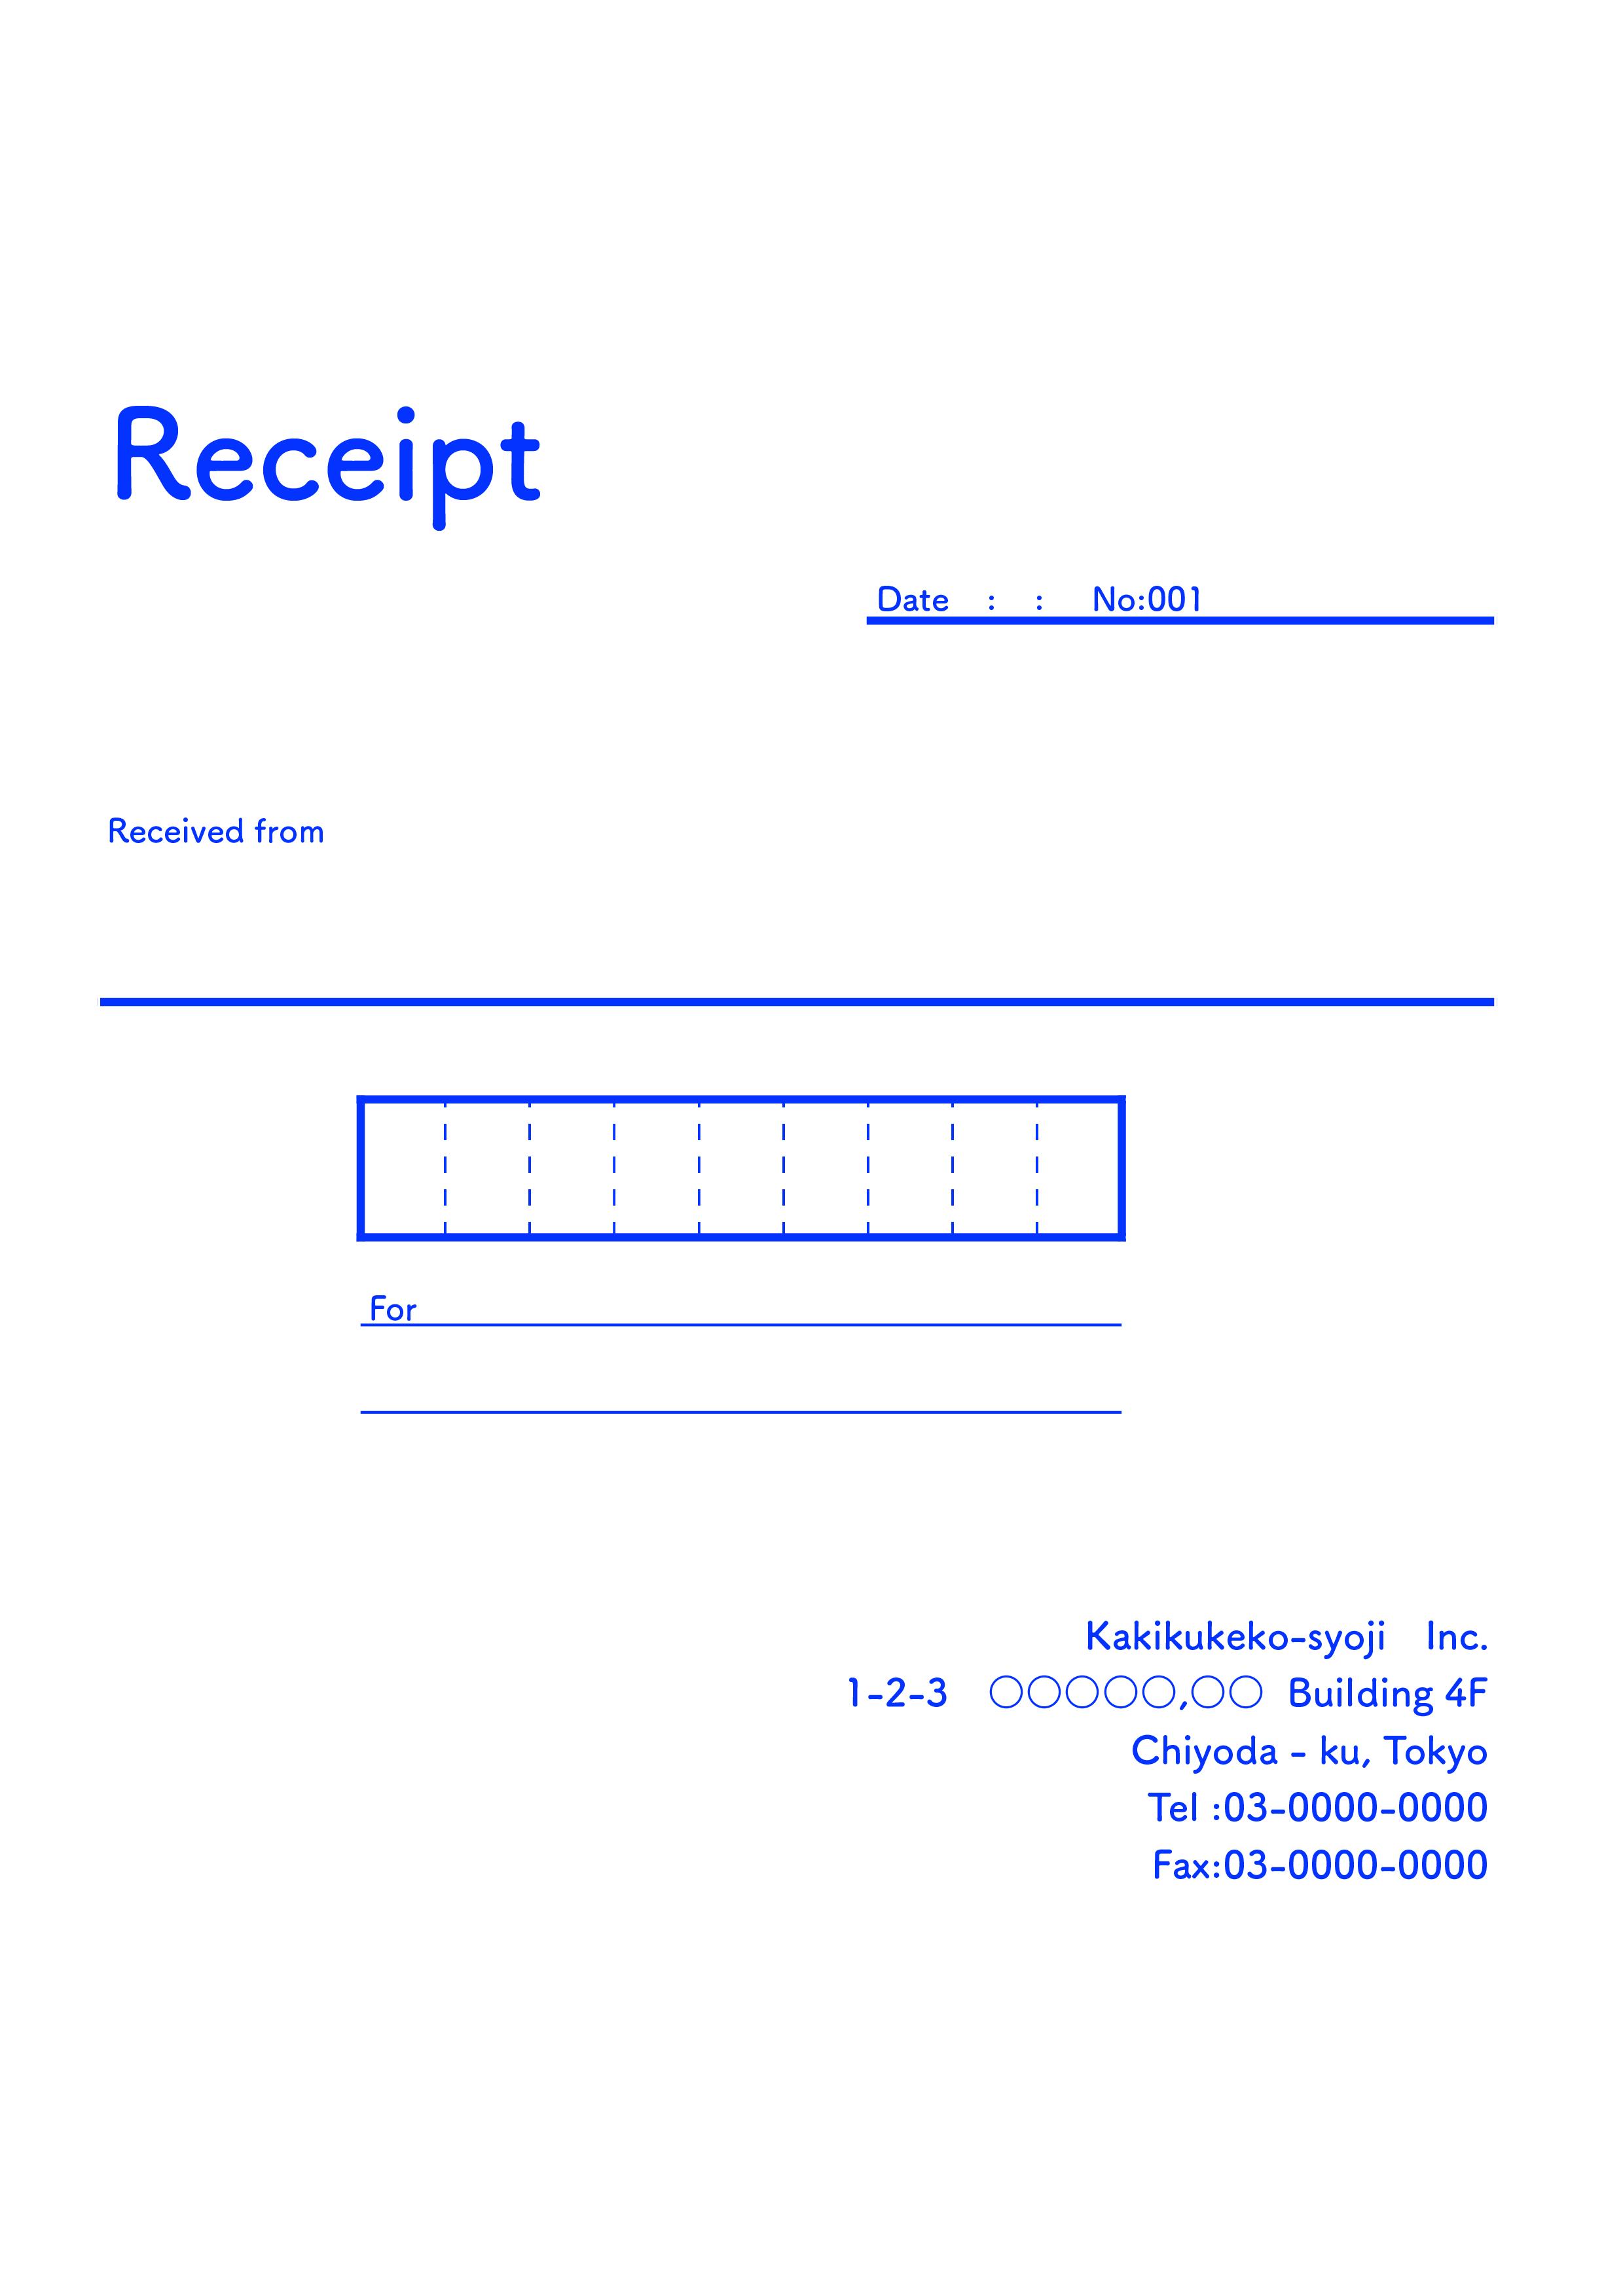 おしゃれな英字の領収書(Receipt)テンプレート(エクセル・ナンバーズ)A4 ブルー